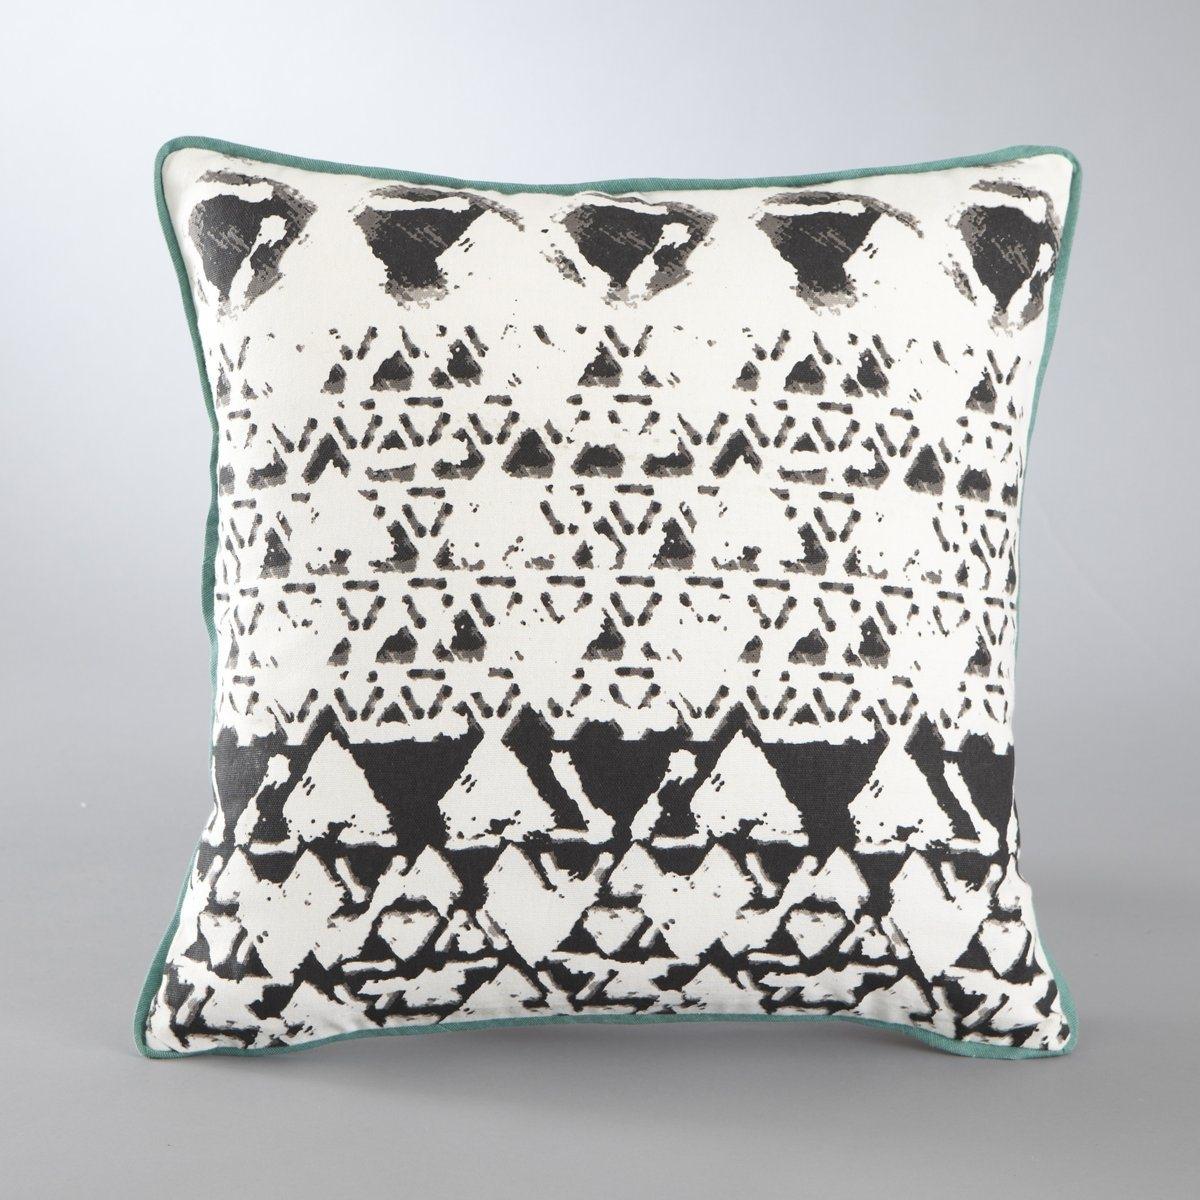 Чехол для подушки с рисунком, IjaХарактеристики чехла для подушки  :100% хлопка<br><br>Цвет: черный/экрю